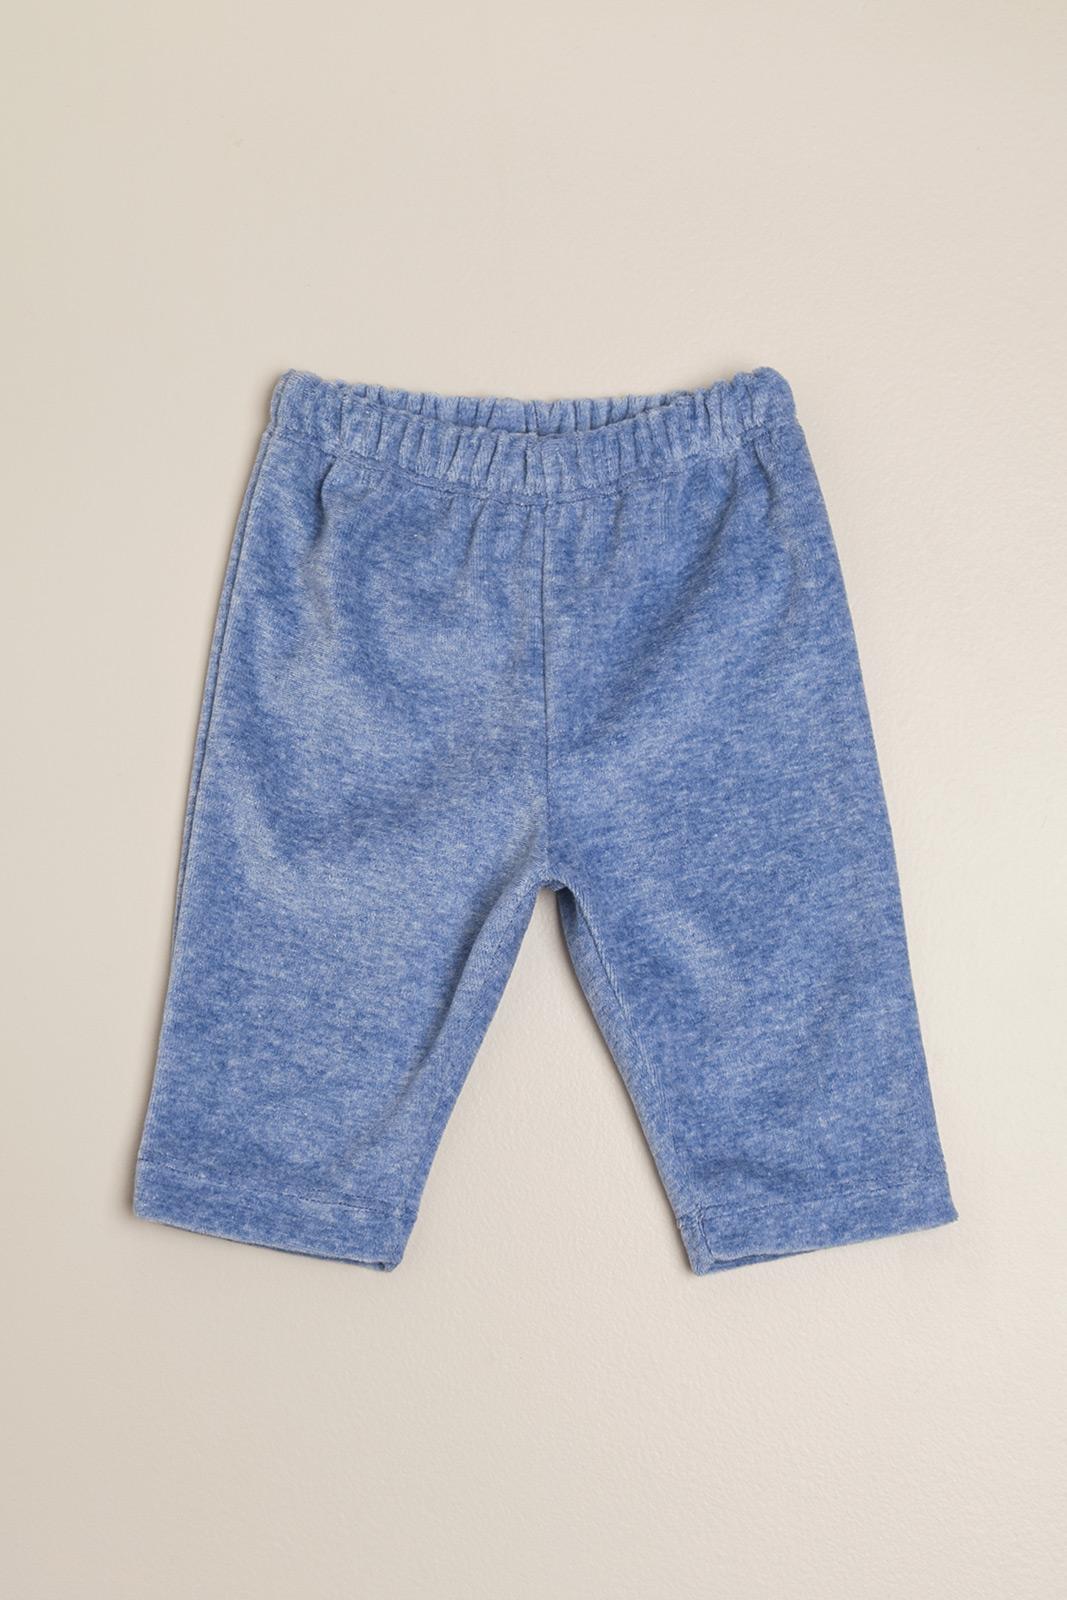 Pantalon de plush aero